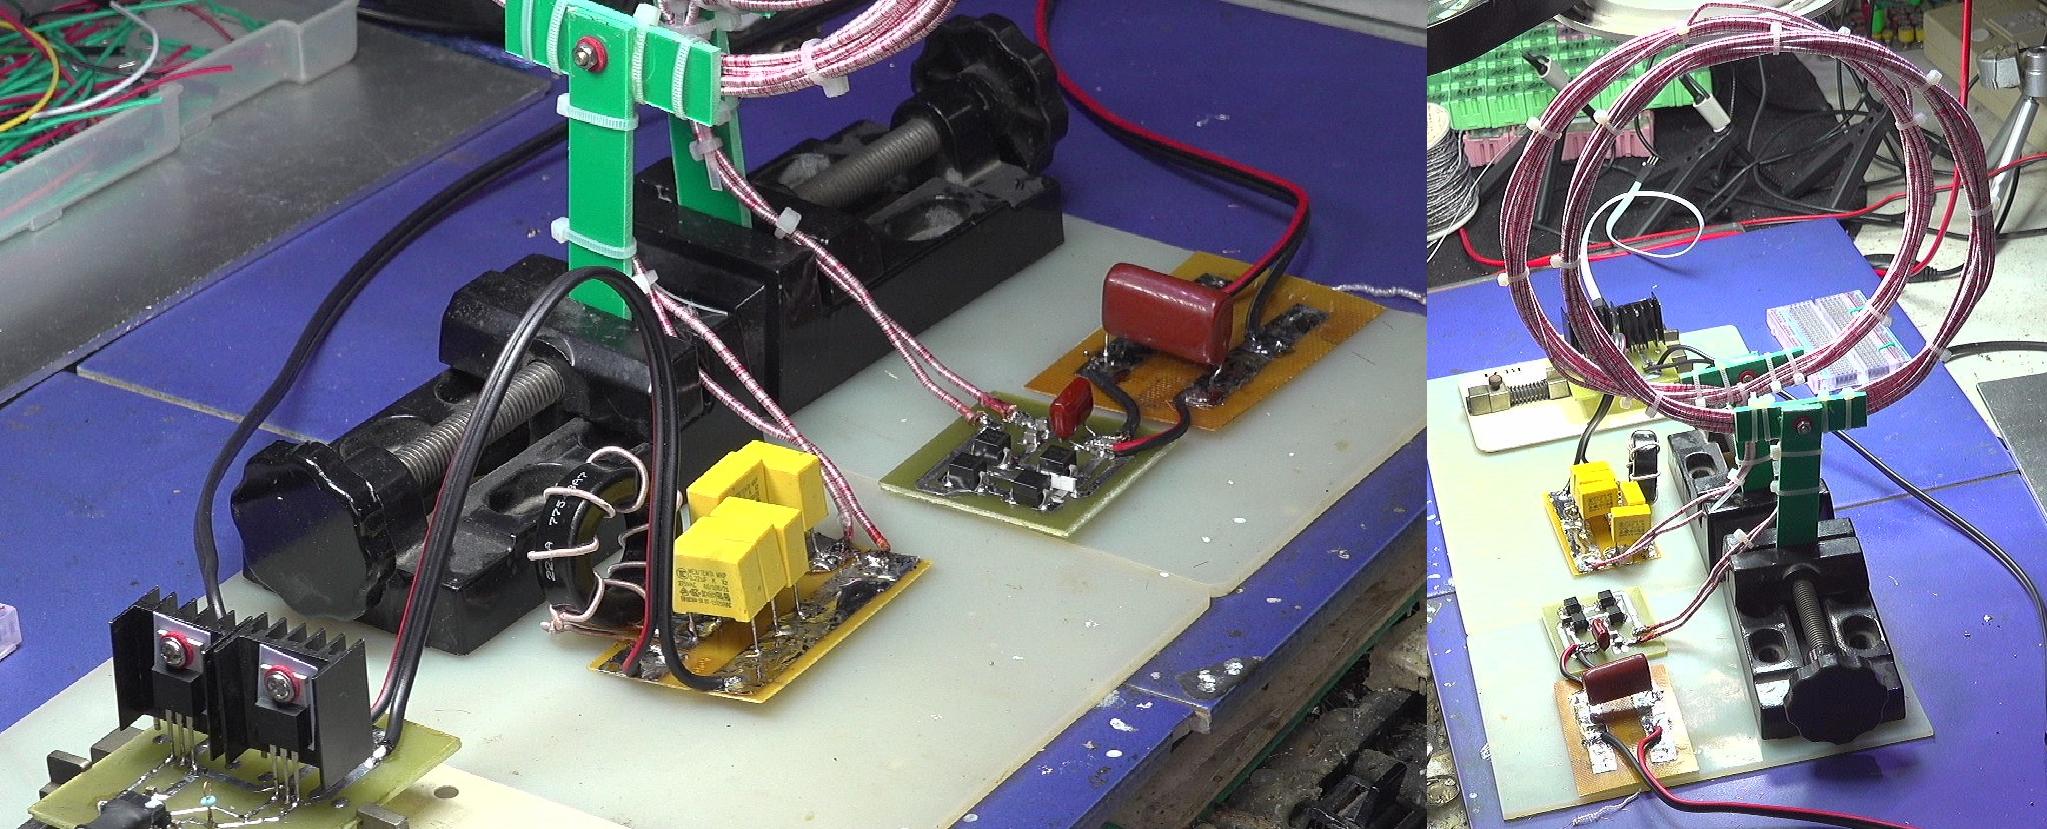 ▲ 连接在一起的耦合实验品台